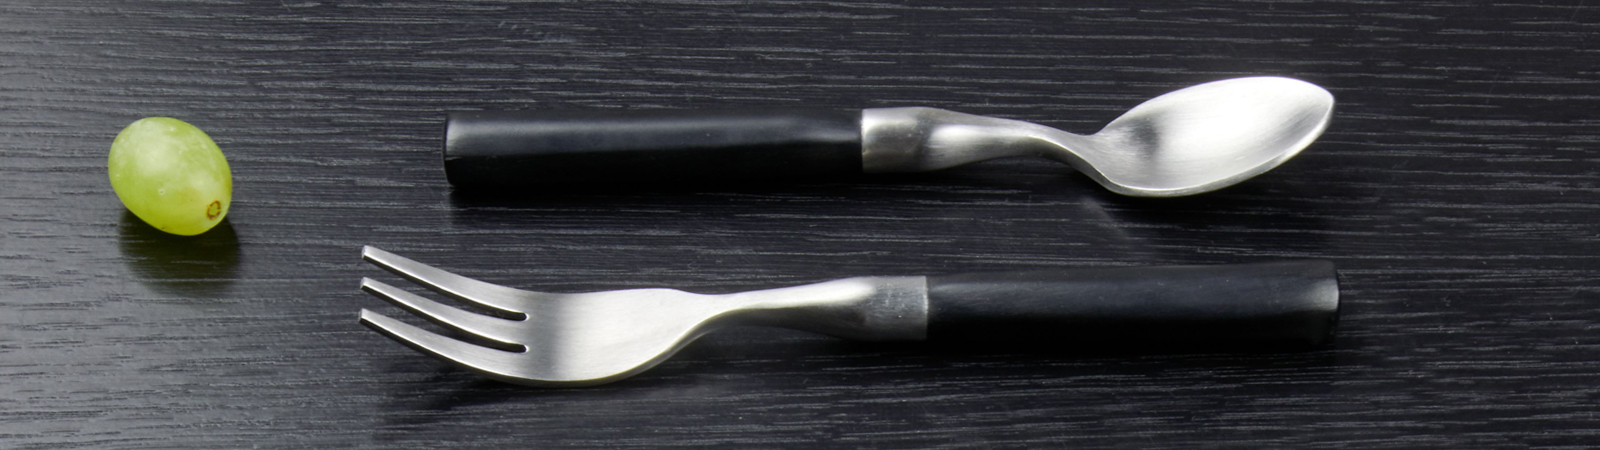 Lambert Cutlery